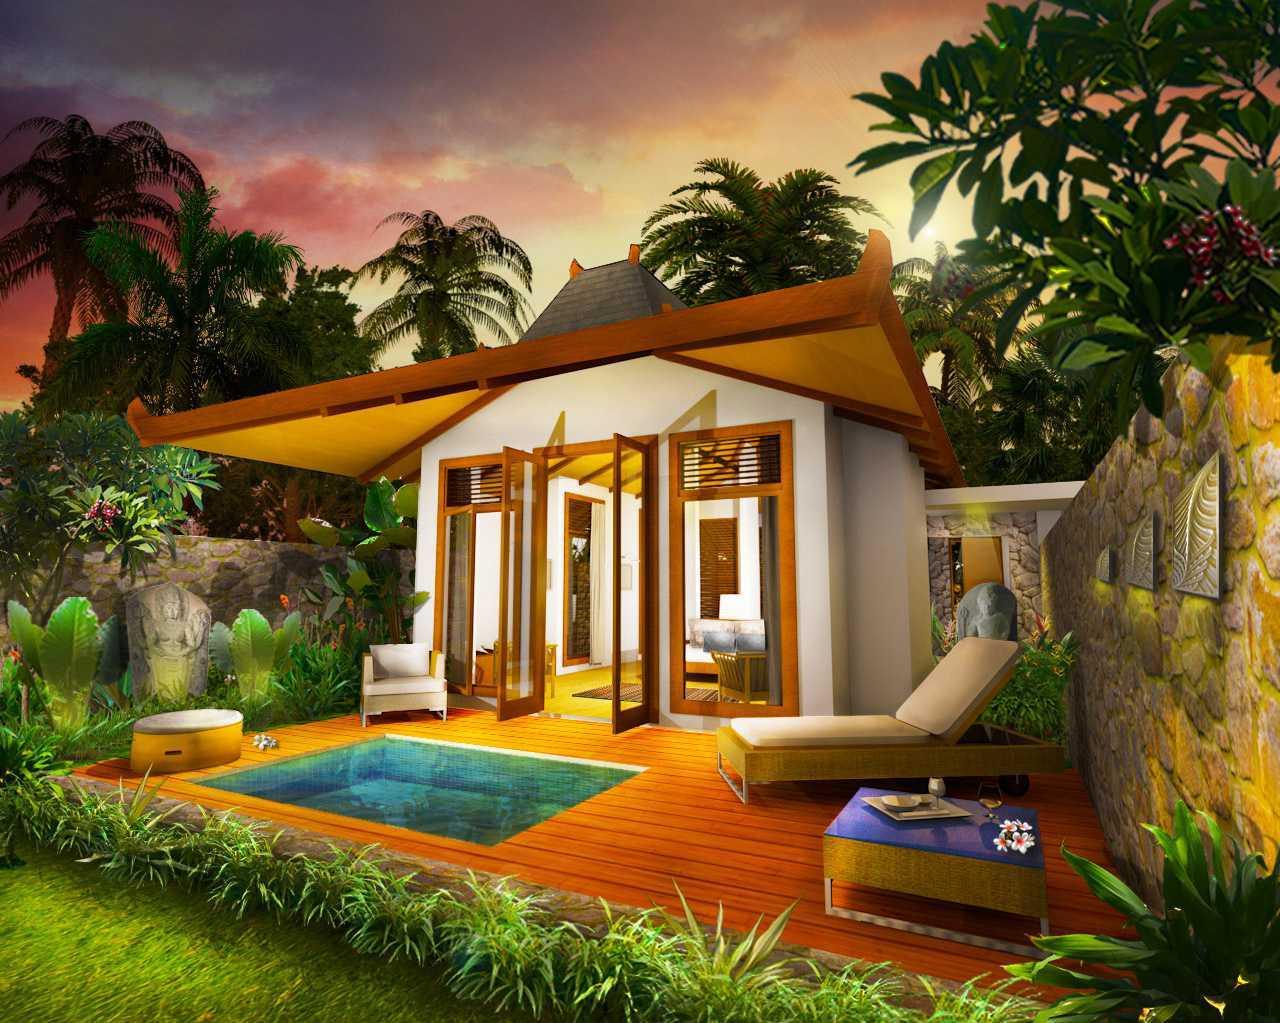 Mta Singhasari Resort Malang, East Java Malang, East Java Singhasari 1 Bedroom Villa Exterior   8781